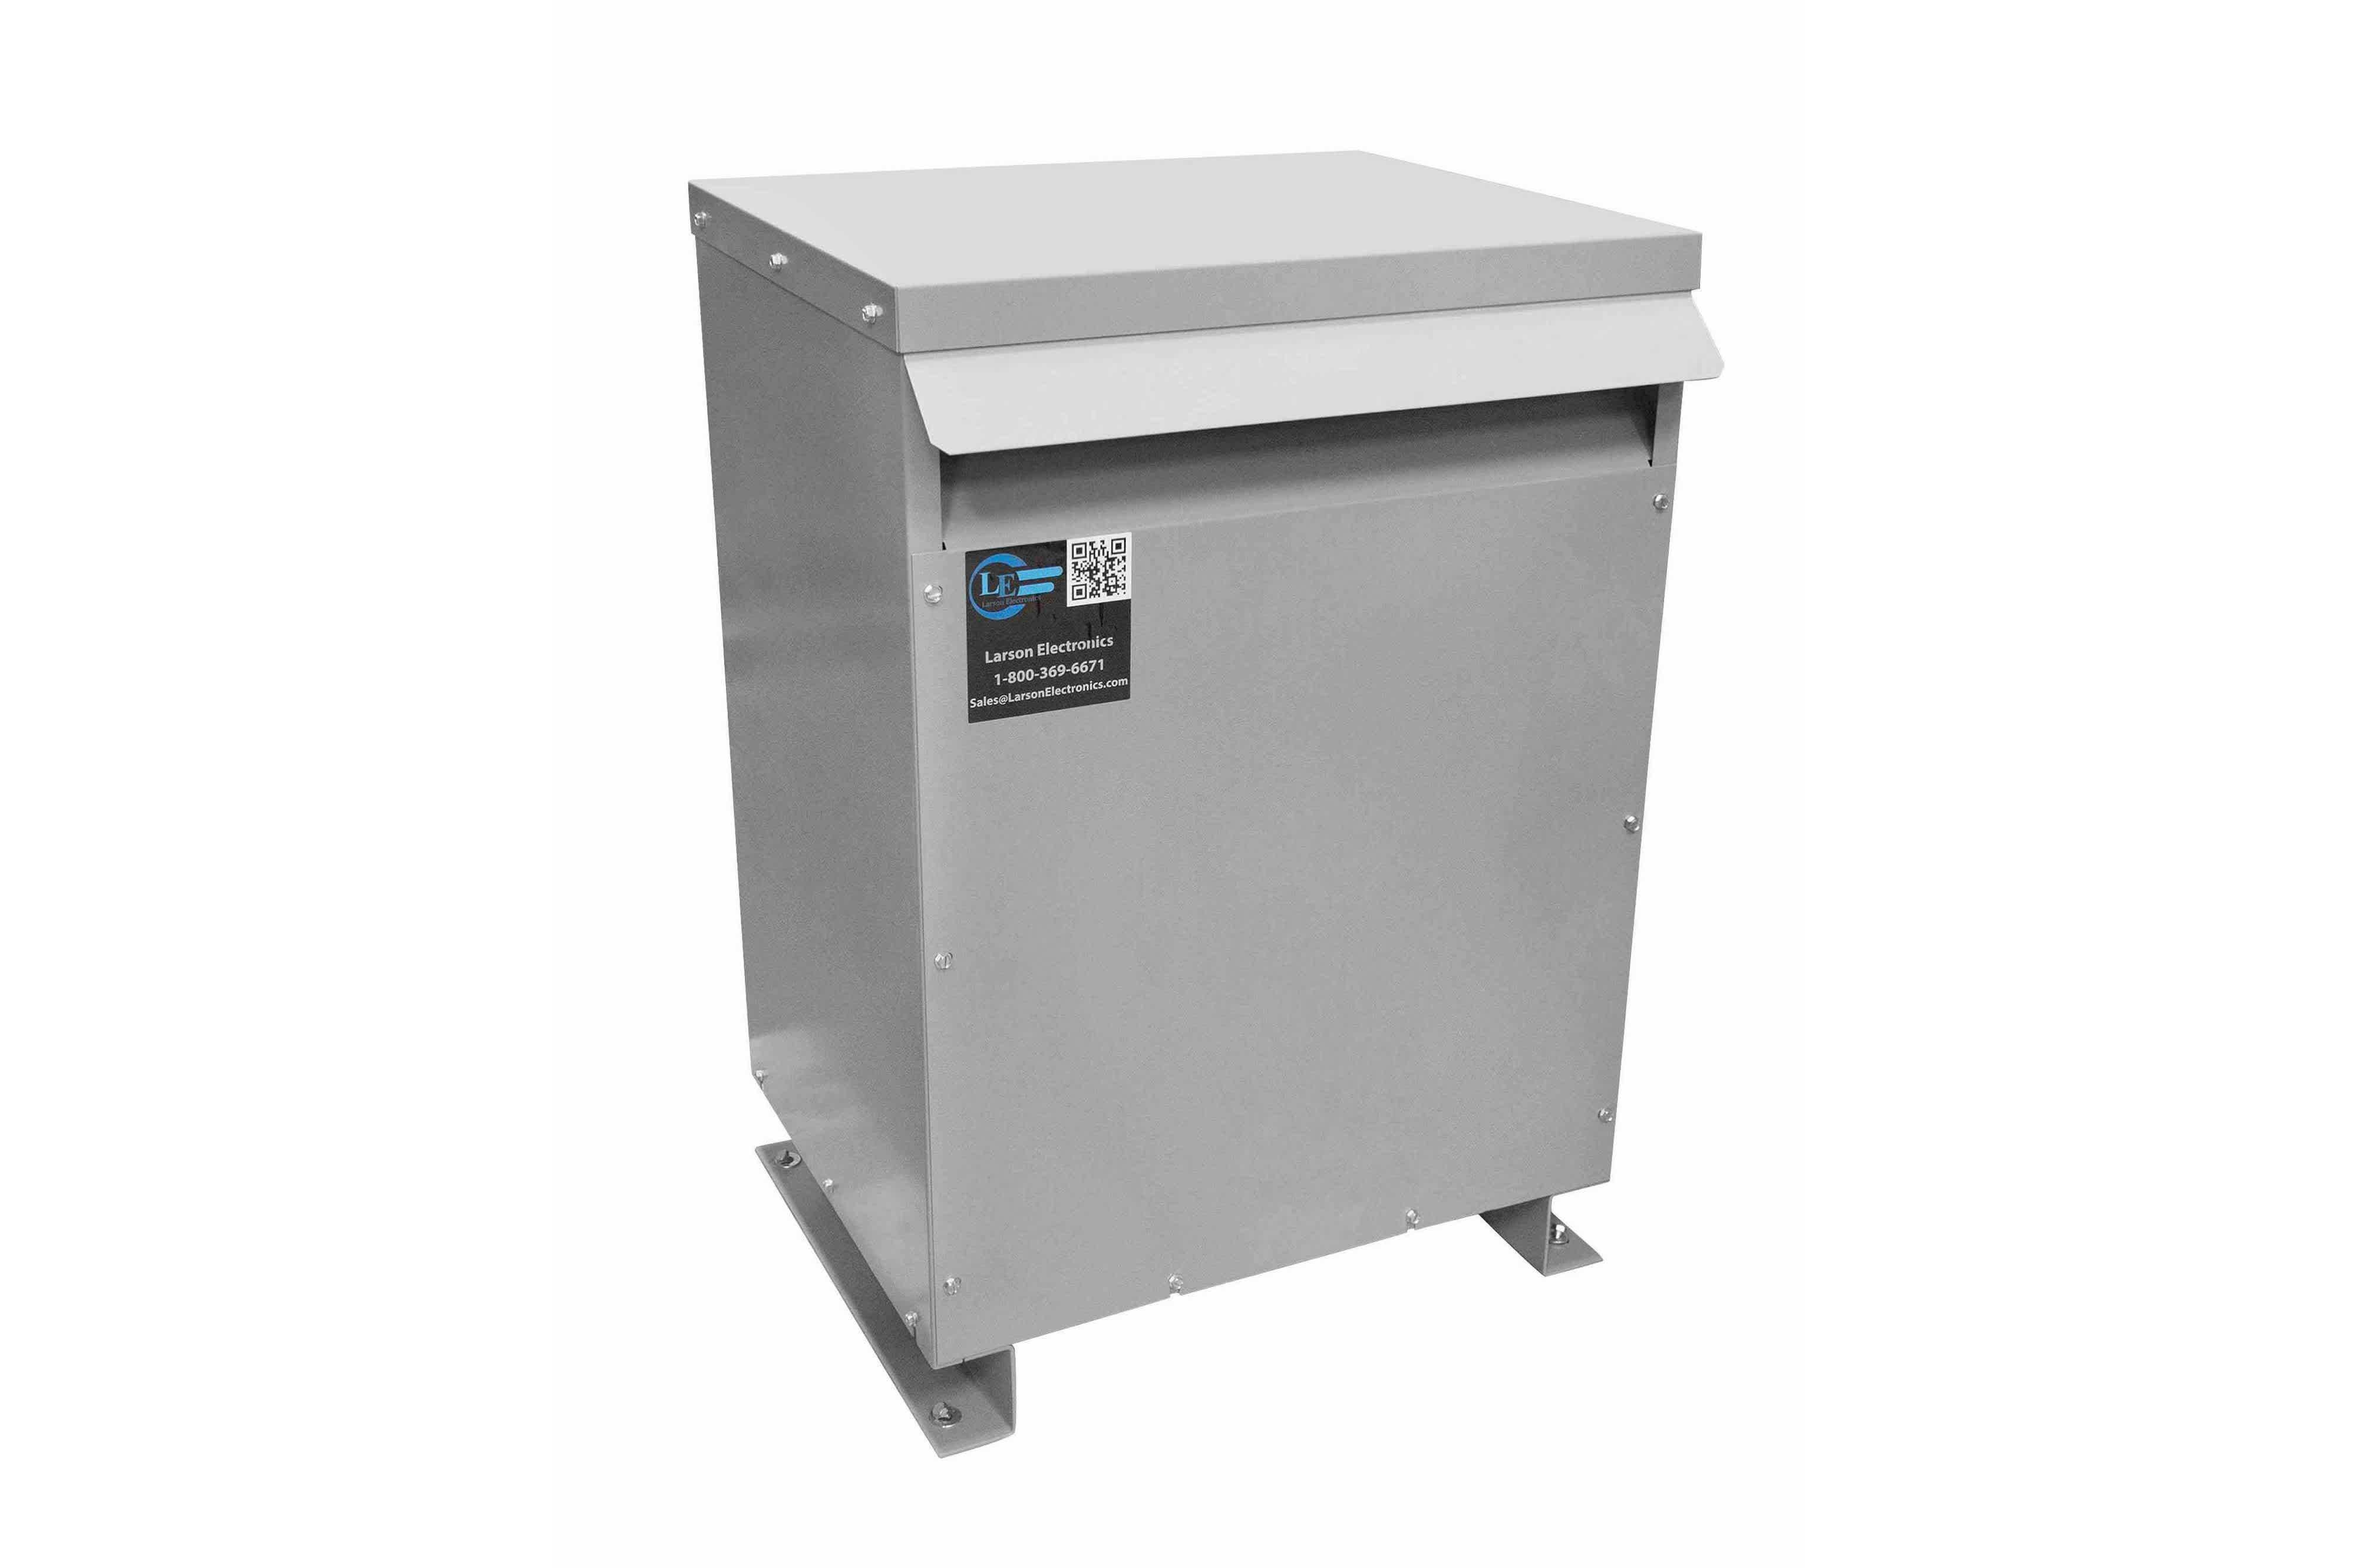 50 kVA 3PH Isolation Transformer, 600V Delta Primary, 460V Delta Secondary, N3R, Ventilated, 60 Hz